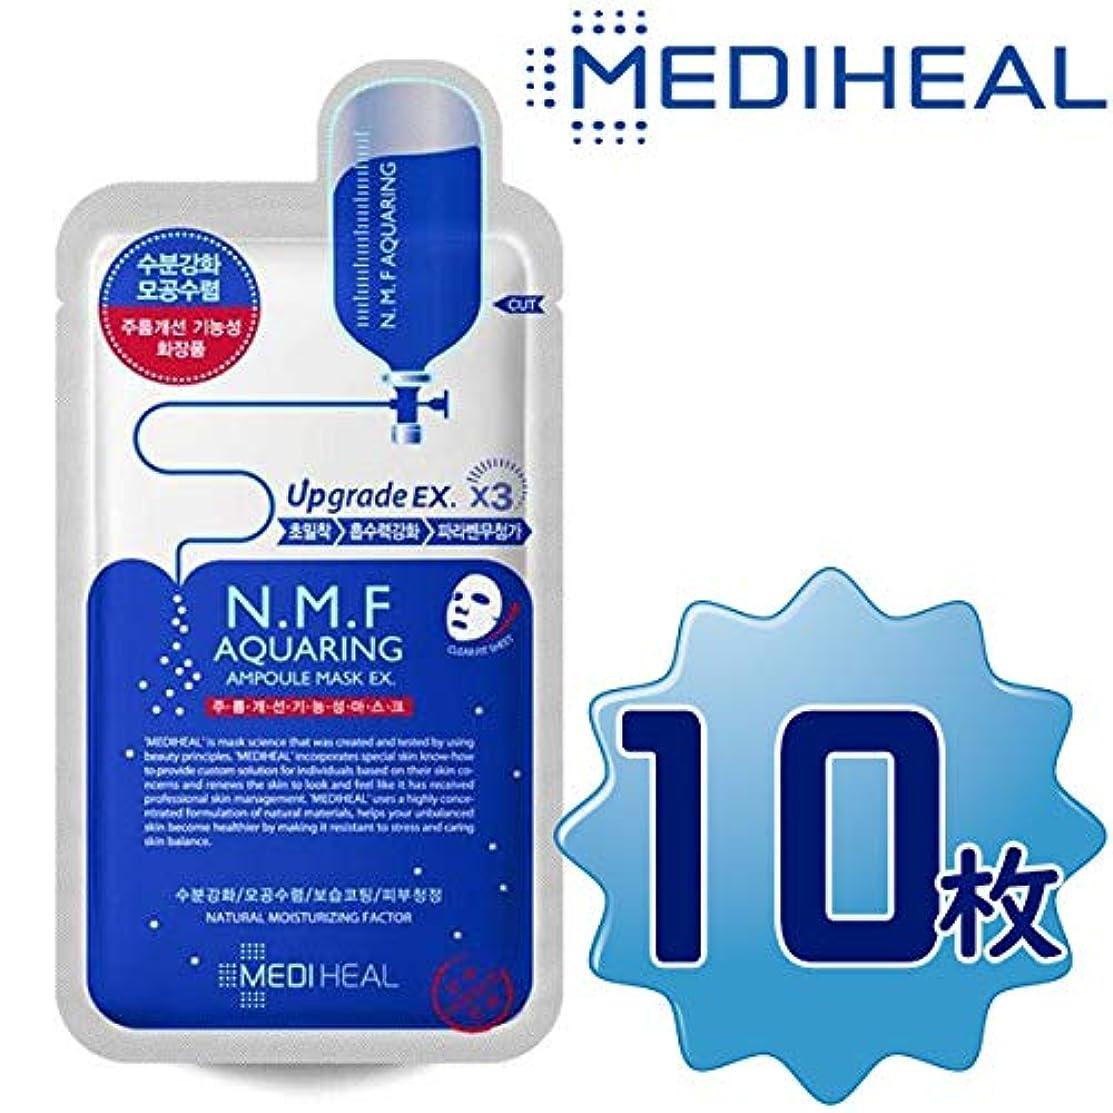 インフレーションブルーベル貼り直す【正規輸入品】Mediheal メディヒール N.M.F アクアリング アンプル?マスクパックEX 10枚入り×1(Aquaring Ampoule Essential Mask PackEX 1box(10sheet)×1